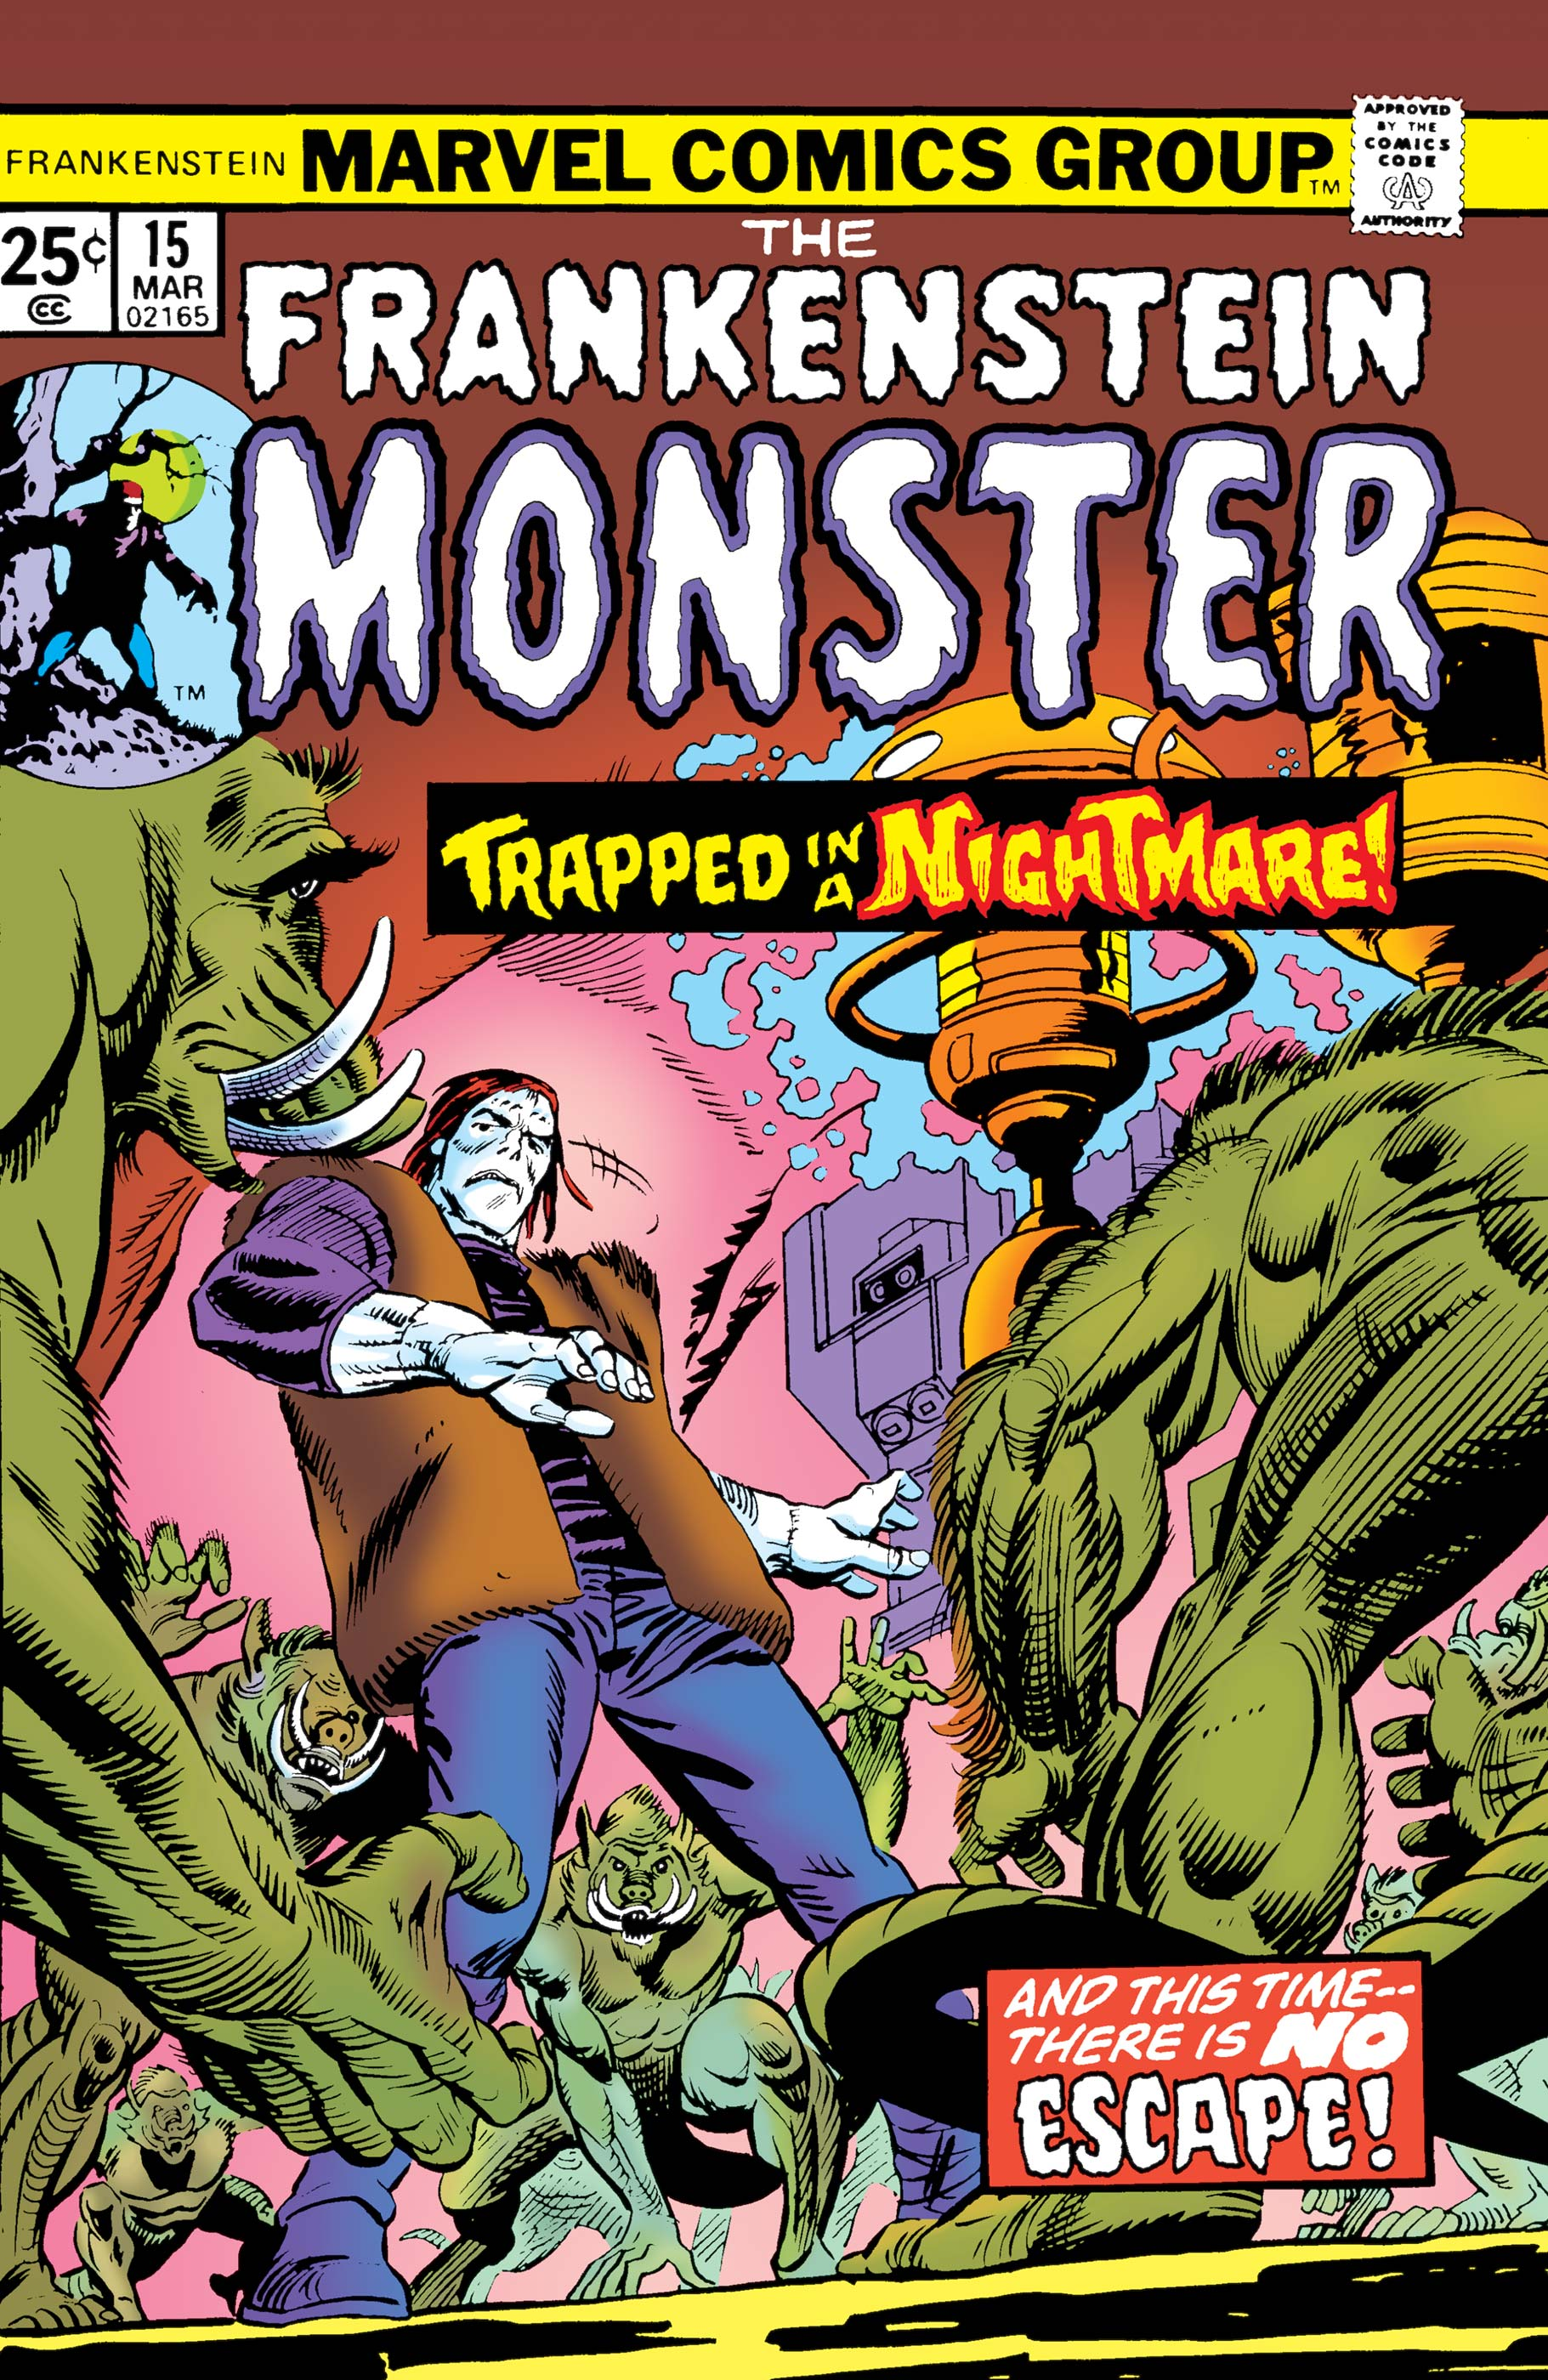 Frankenstein (1973) #15